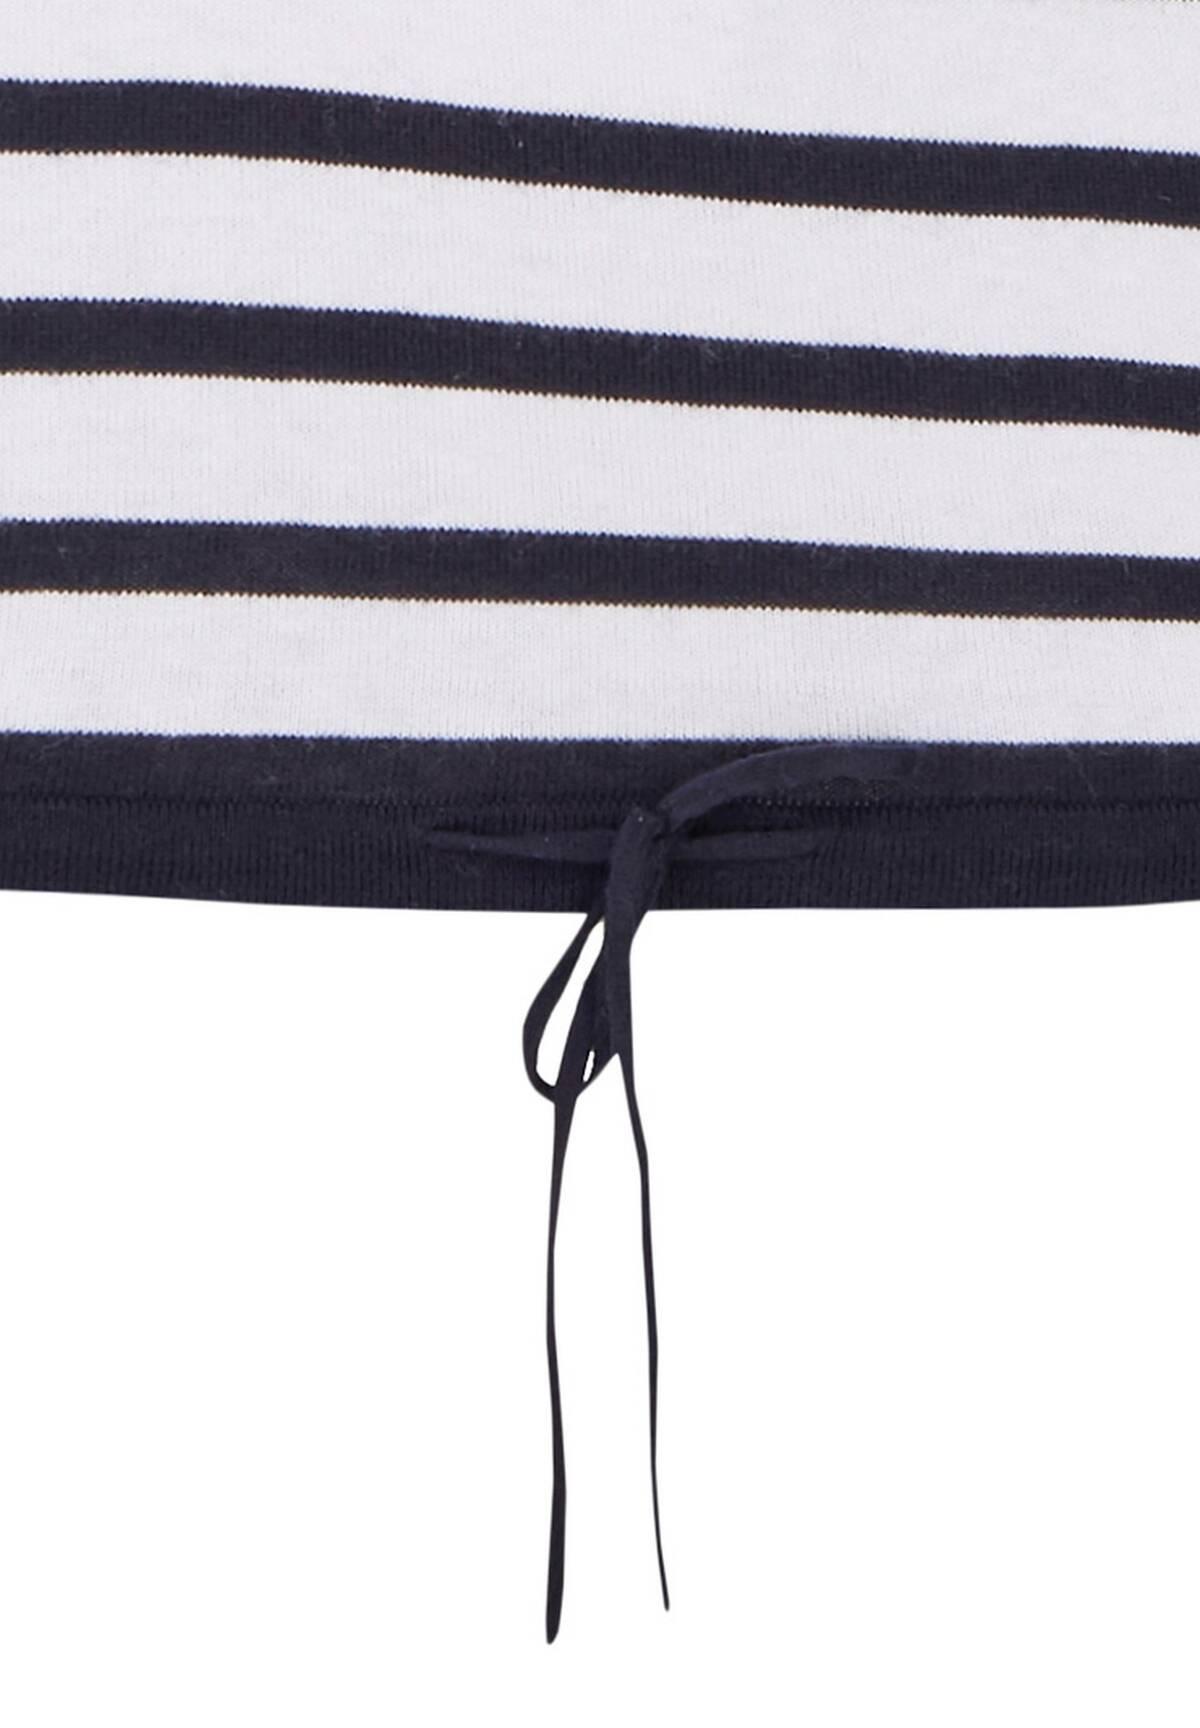 Sommerlicher Strick Pullover / Pullover